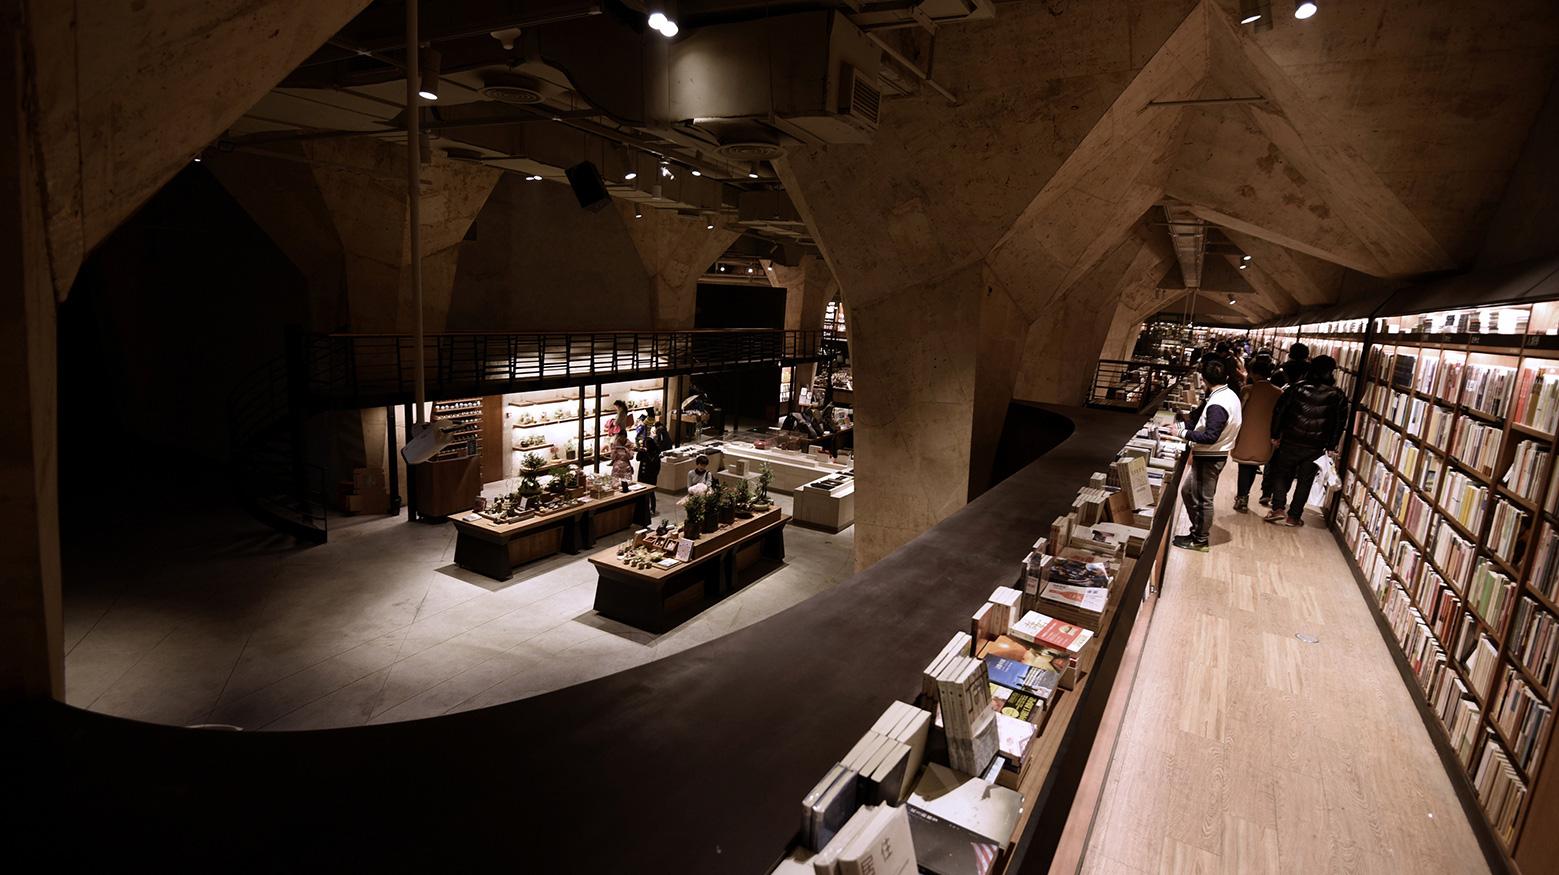 Fangsuo Book Store in Chengdu / Chu Chih-Kang (11)